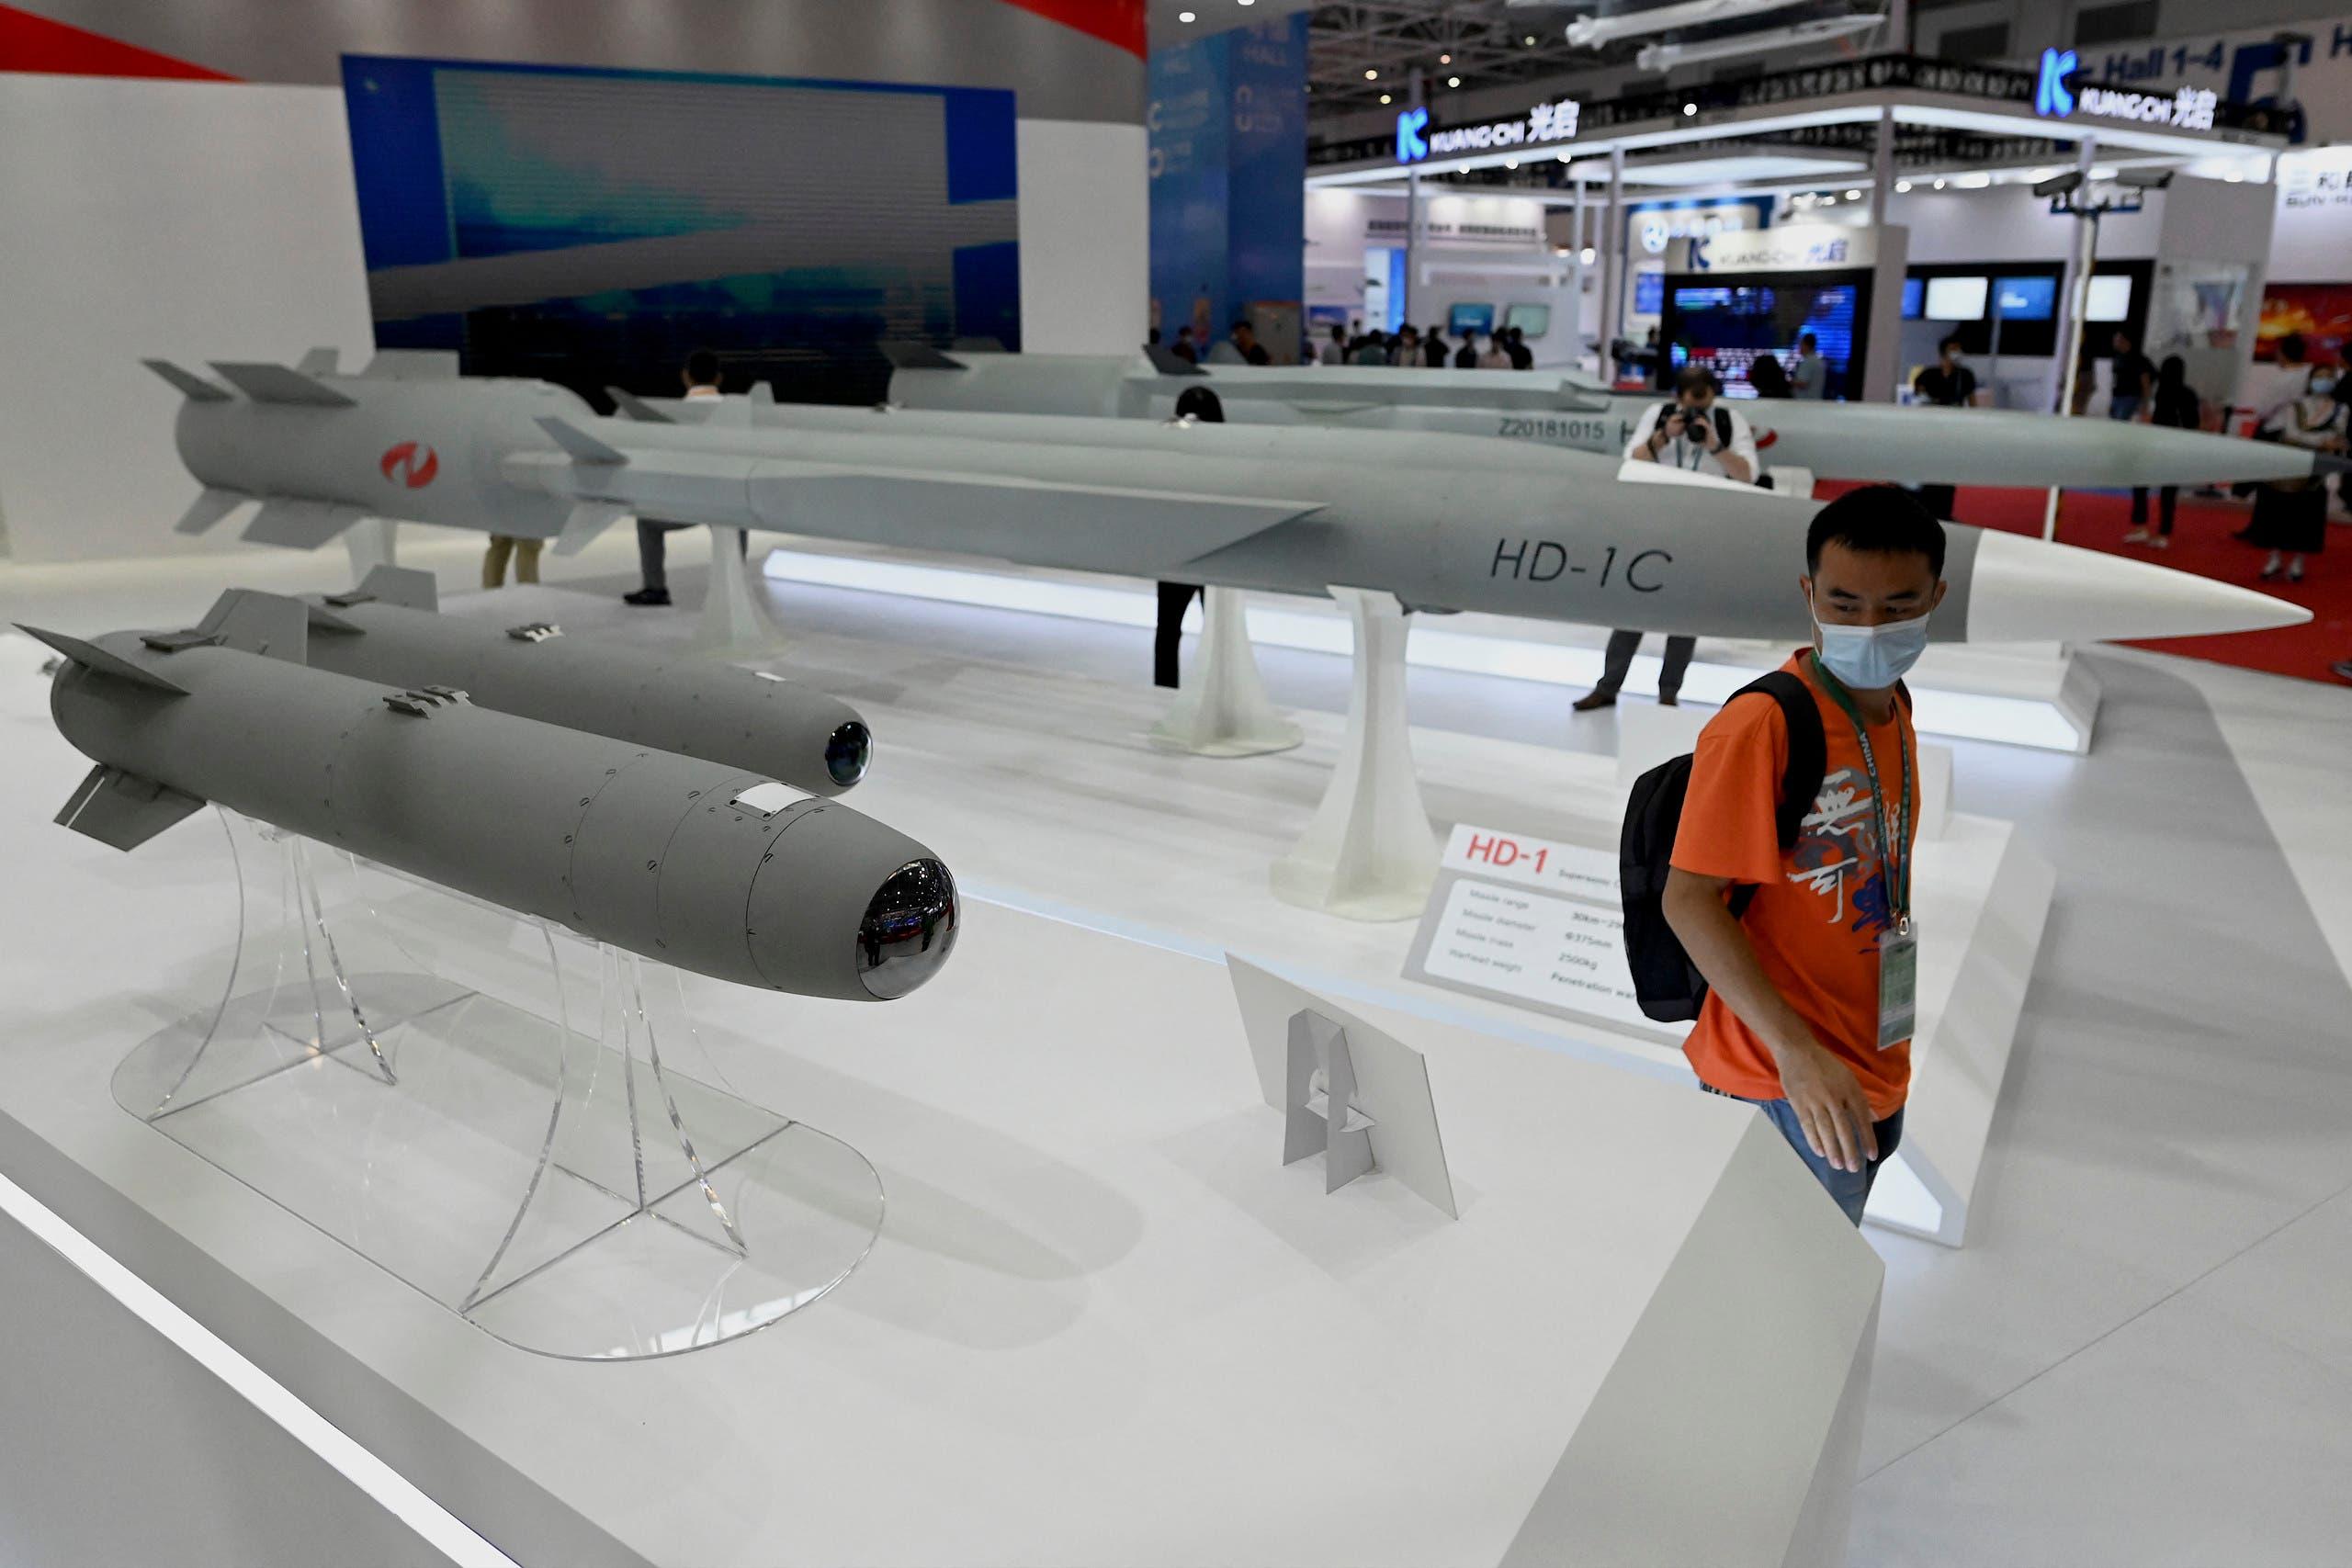 صواريخ معروضة في معرض تشوهاي الجوي